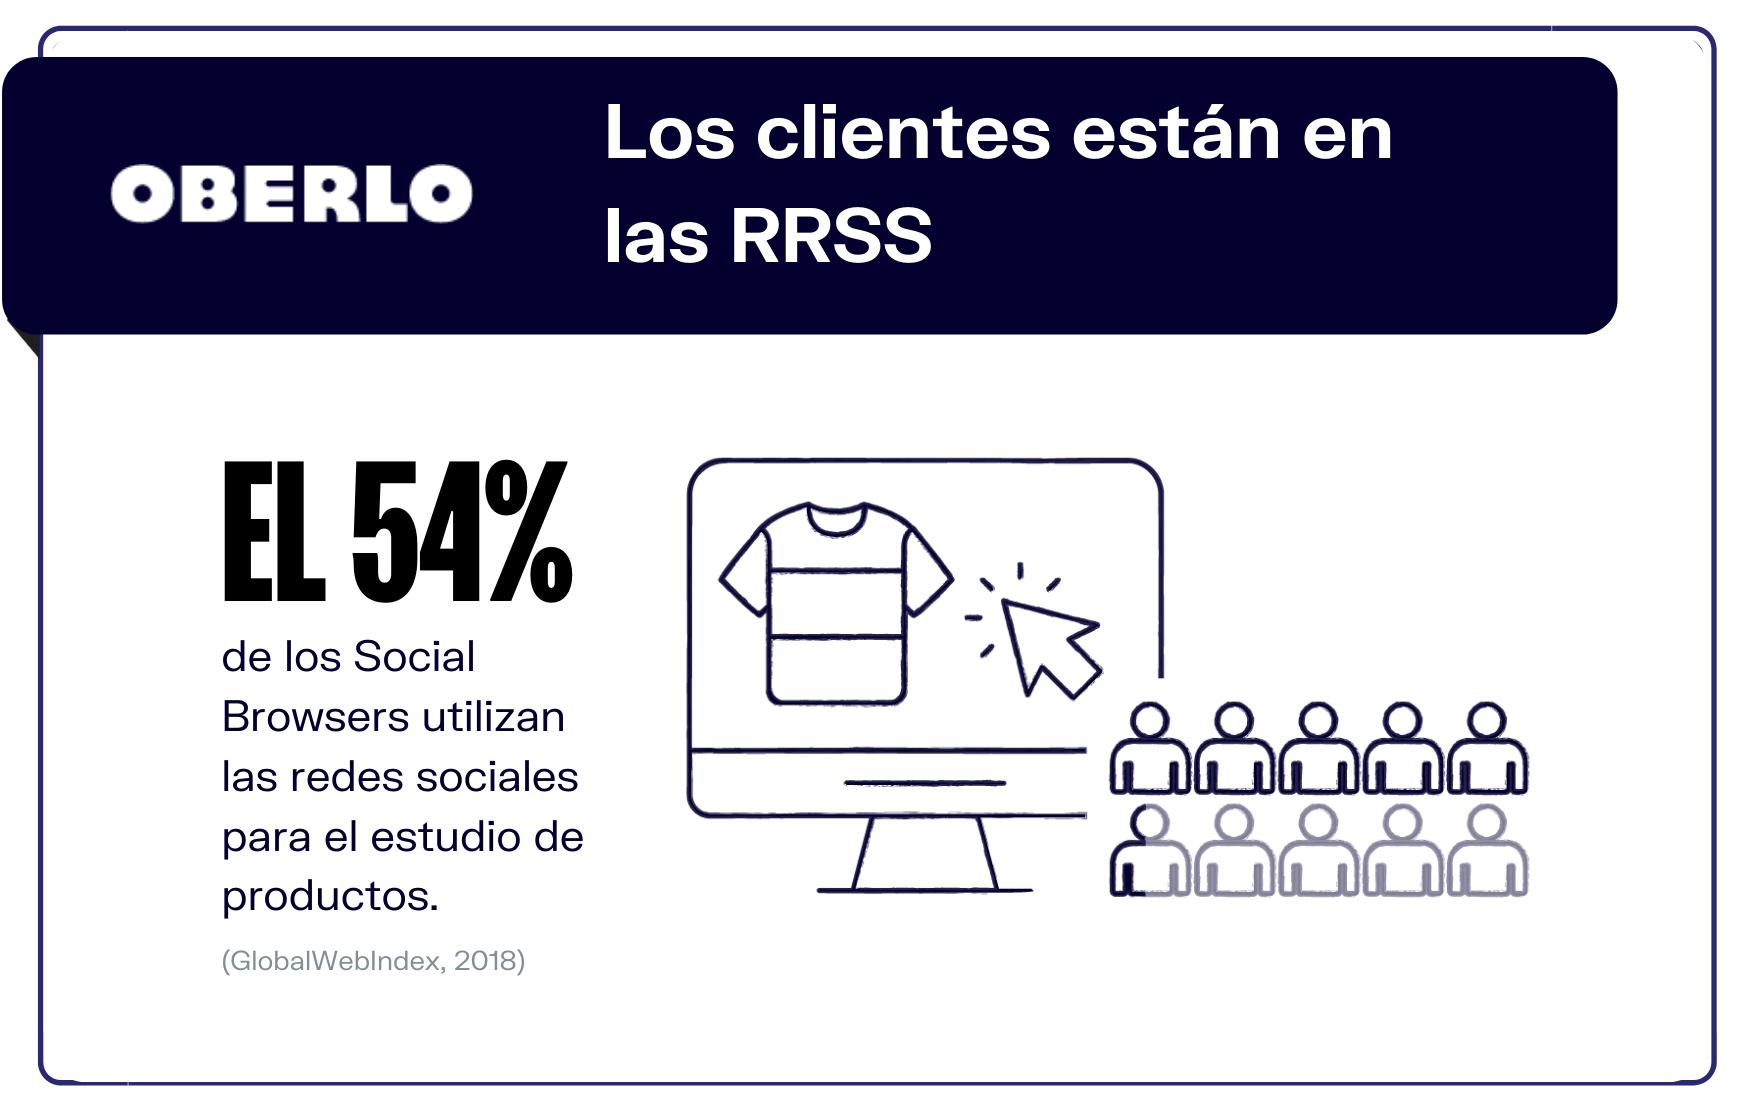 Tus clientes utilizan las redes sociales